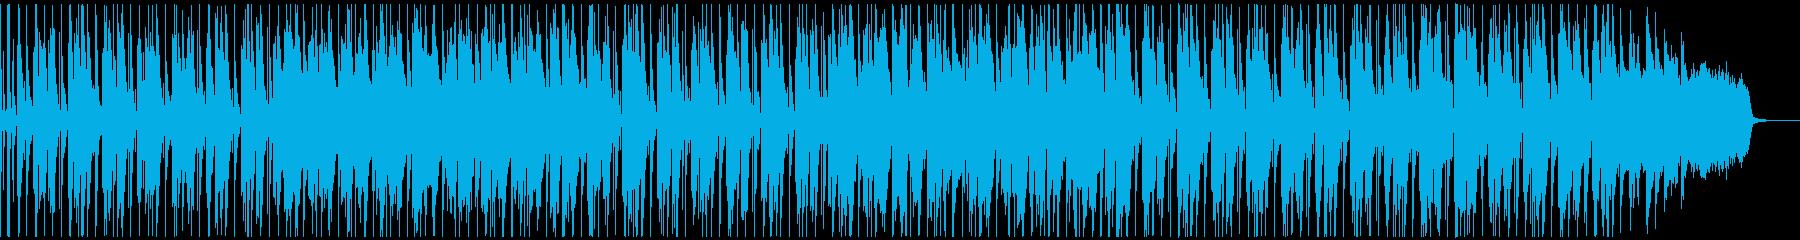 軽快で優しい気持ちの朗らかなジングルの再生済みの波形